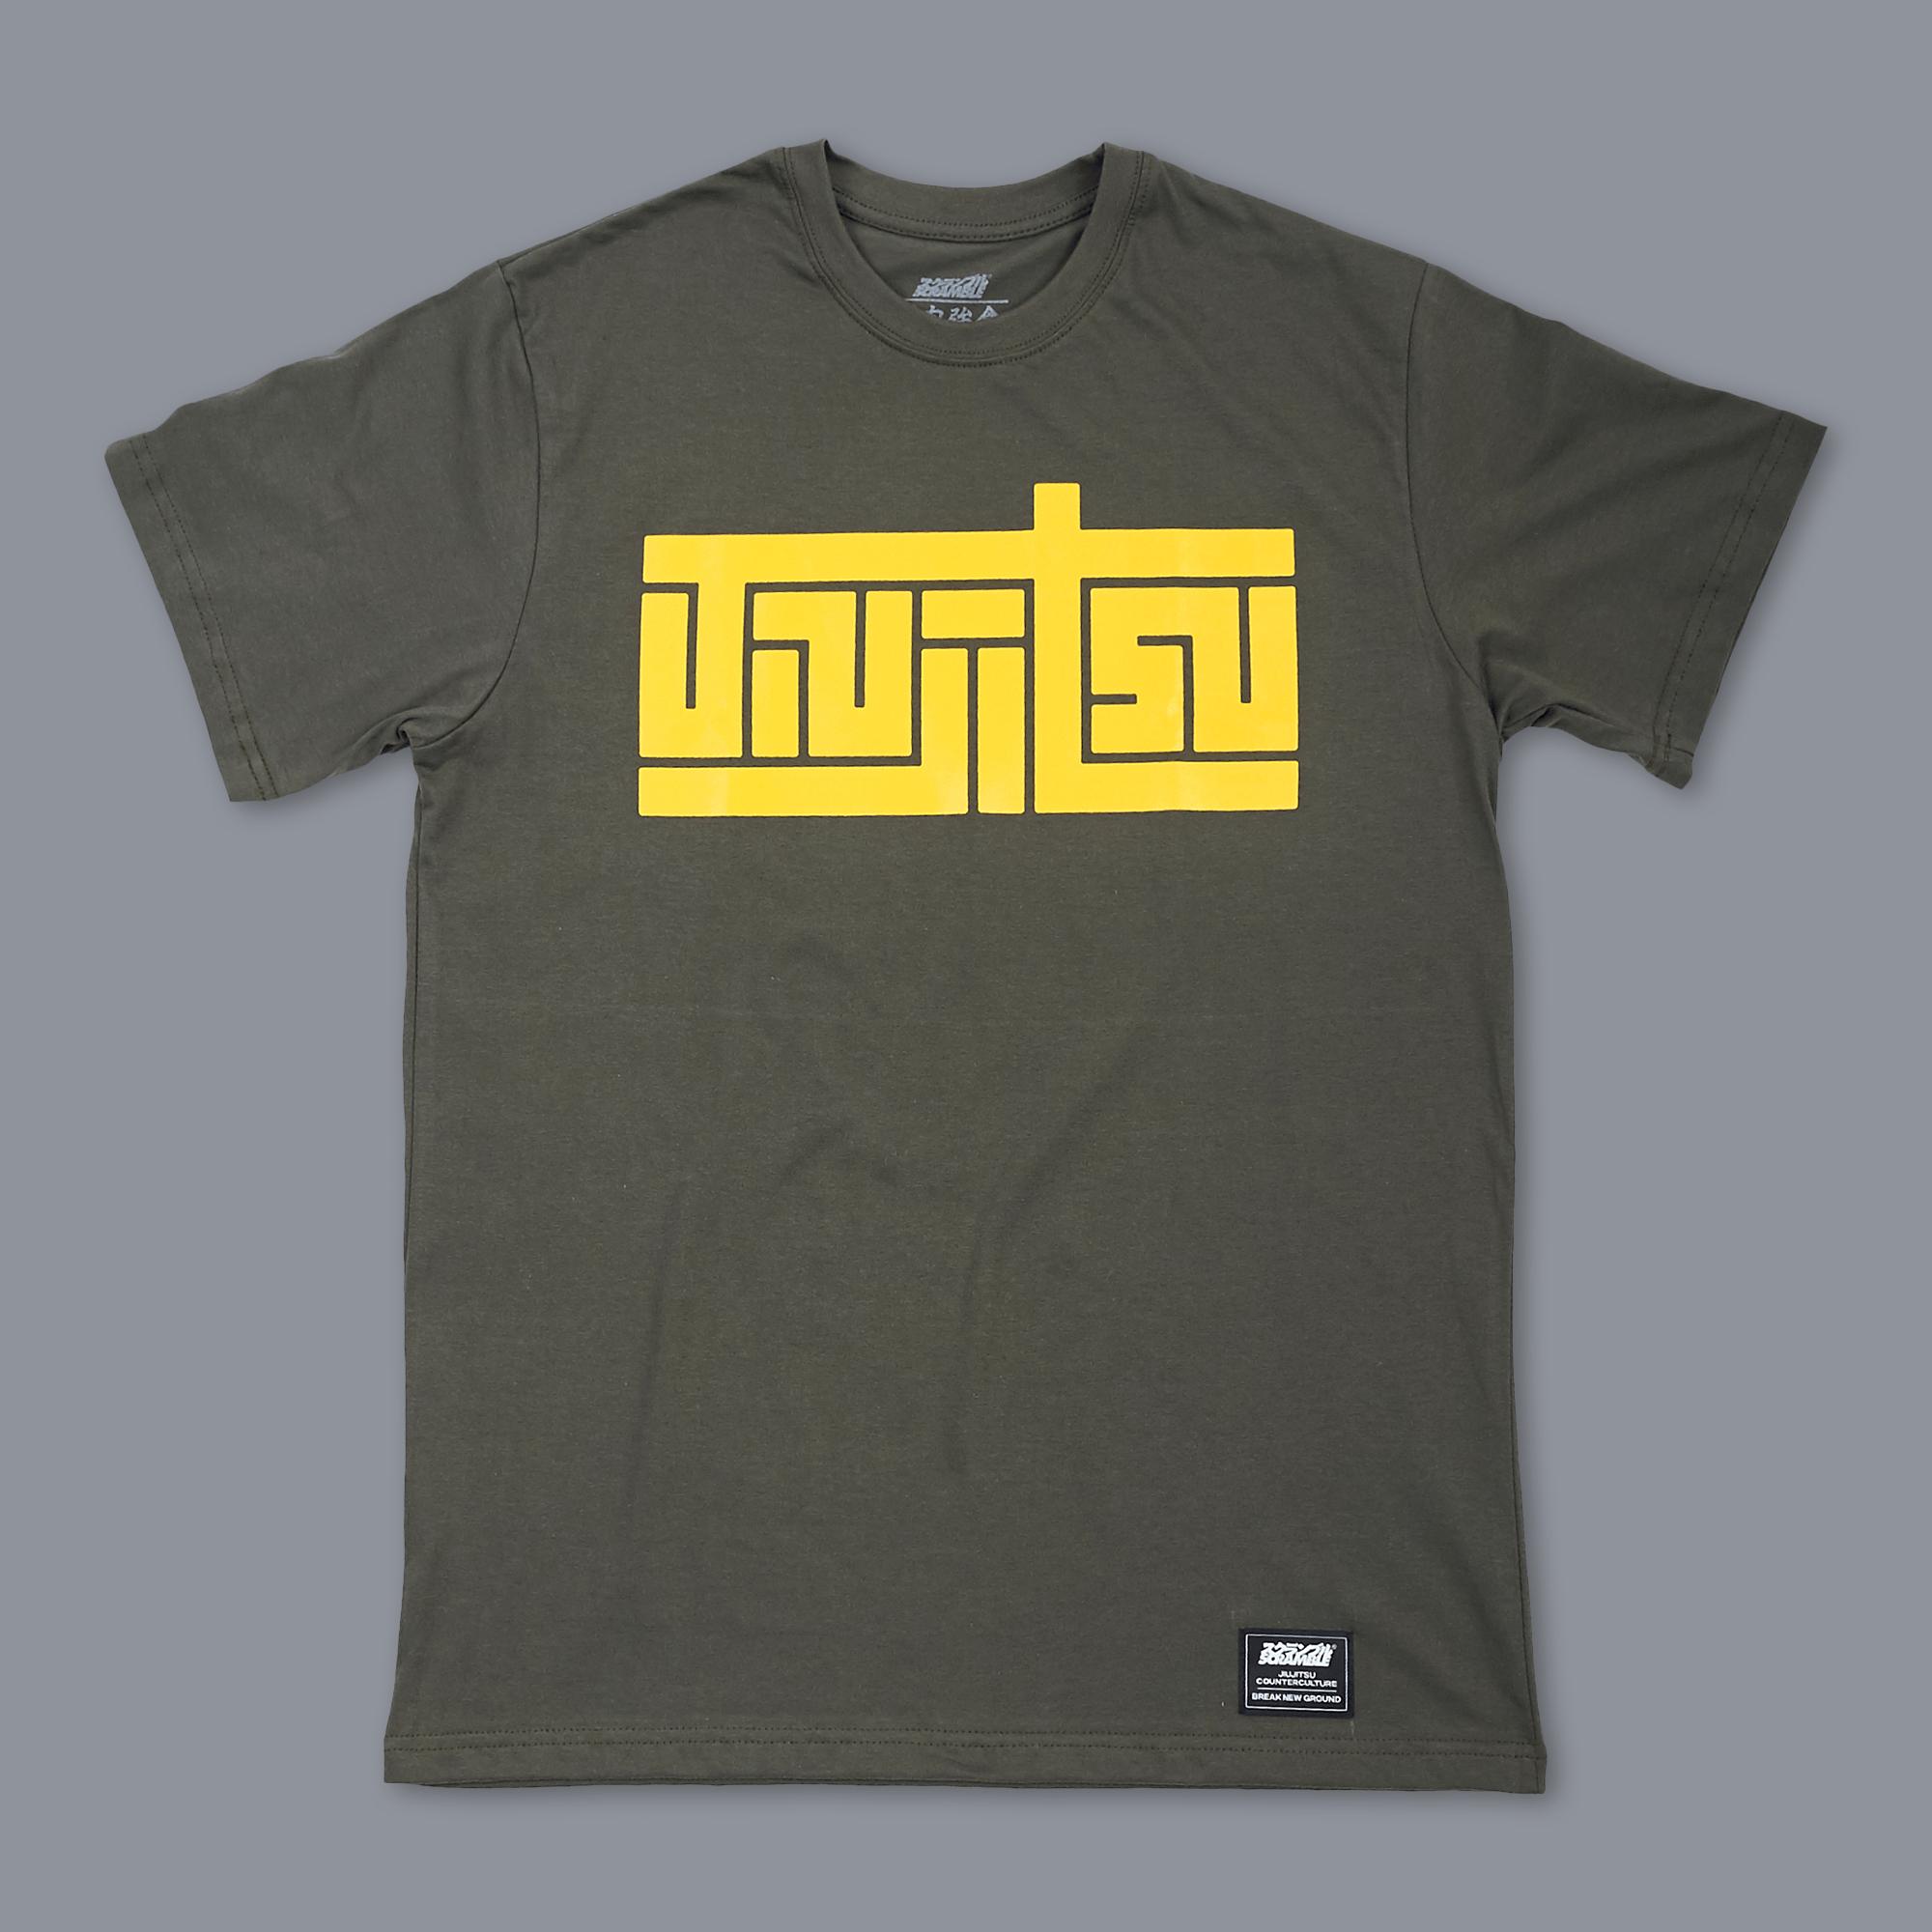 送料無料!Scramble Block Tee - Green|格闘技、柔術Tシャツ